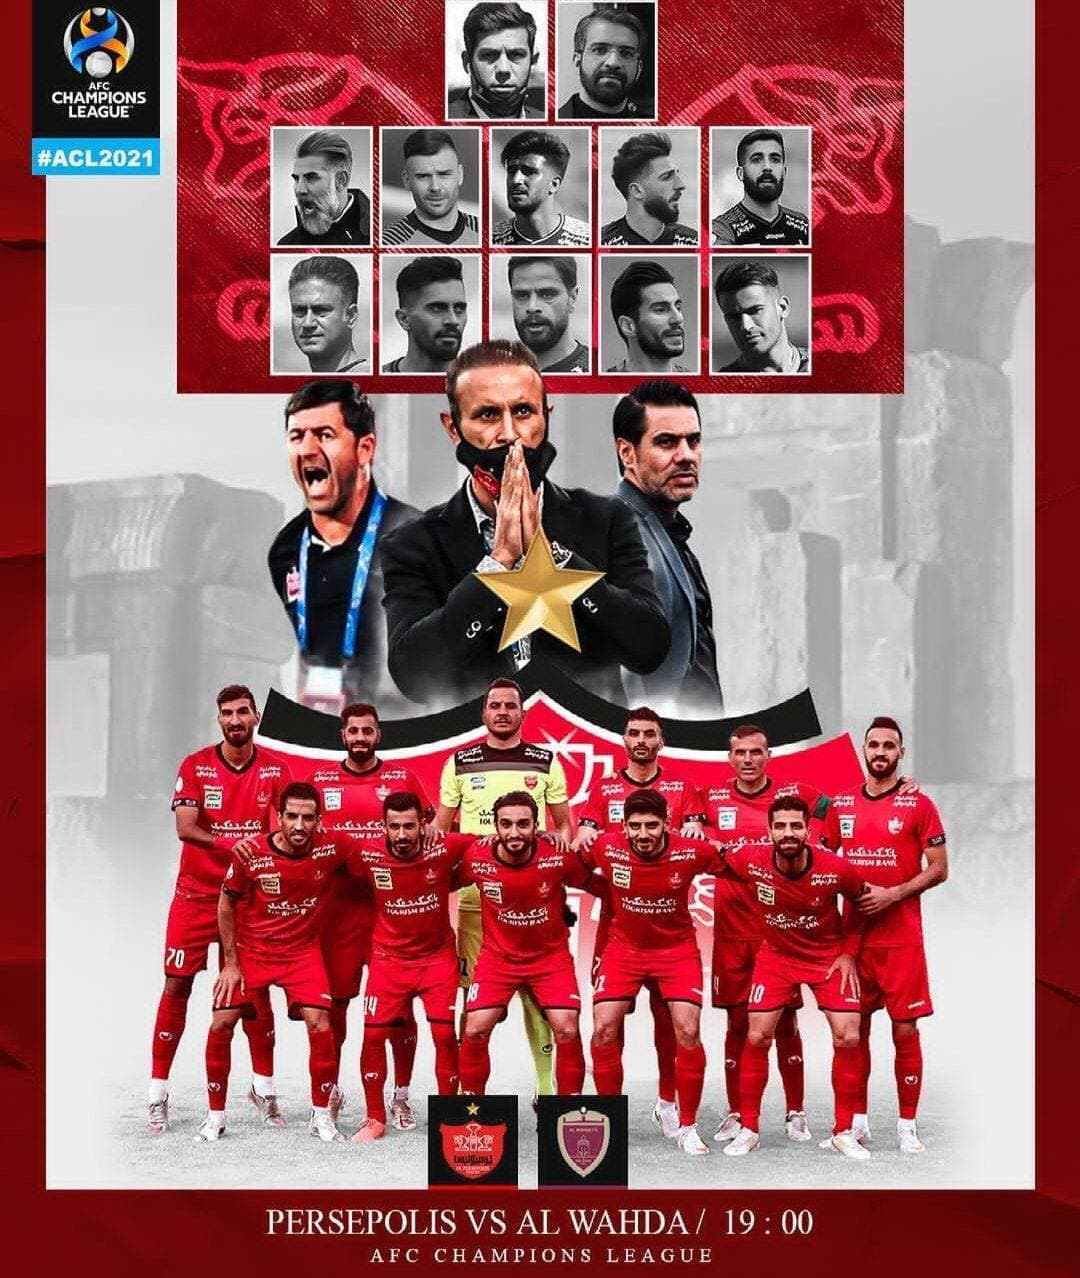 پوستر باشگاه پرسپولیس برای بازی فردا مقابل الوحده